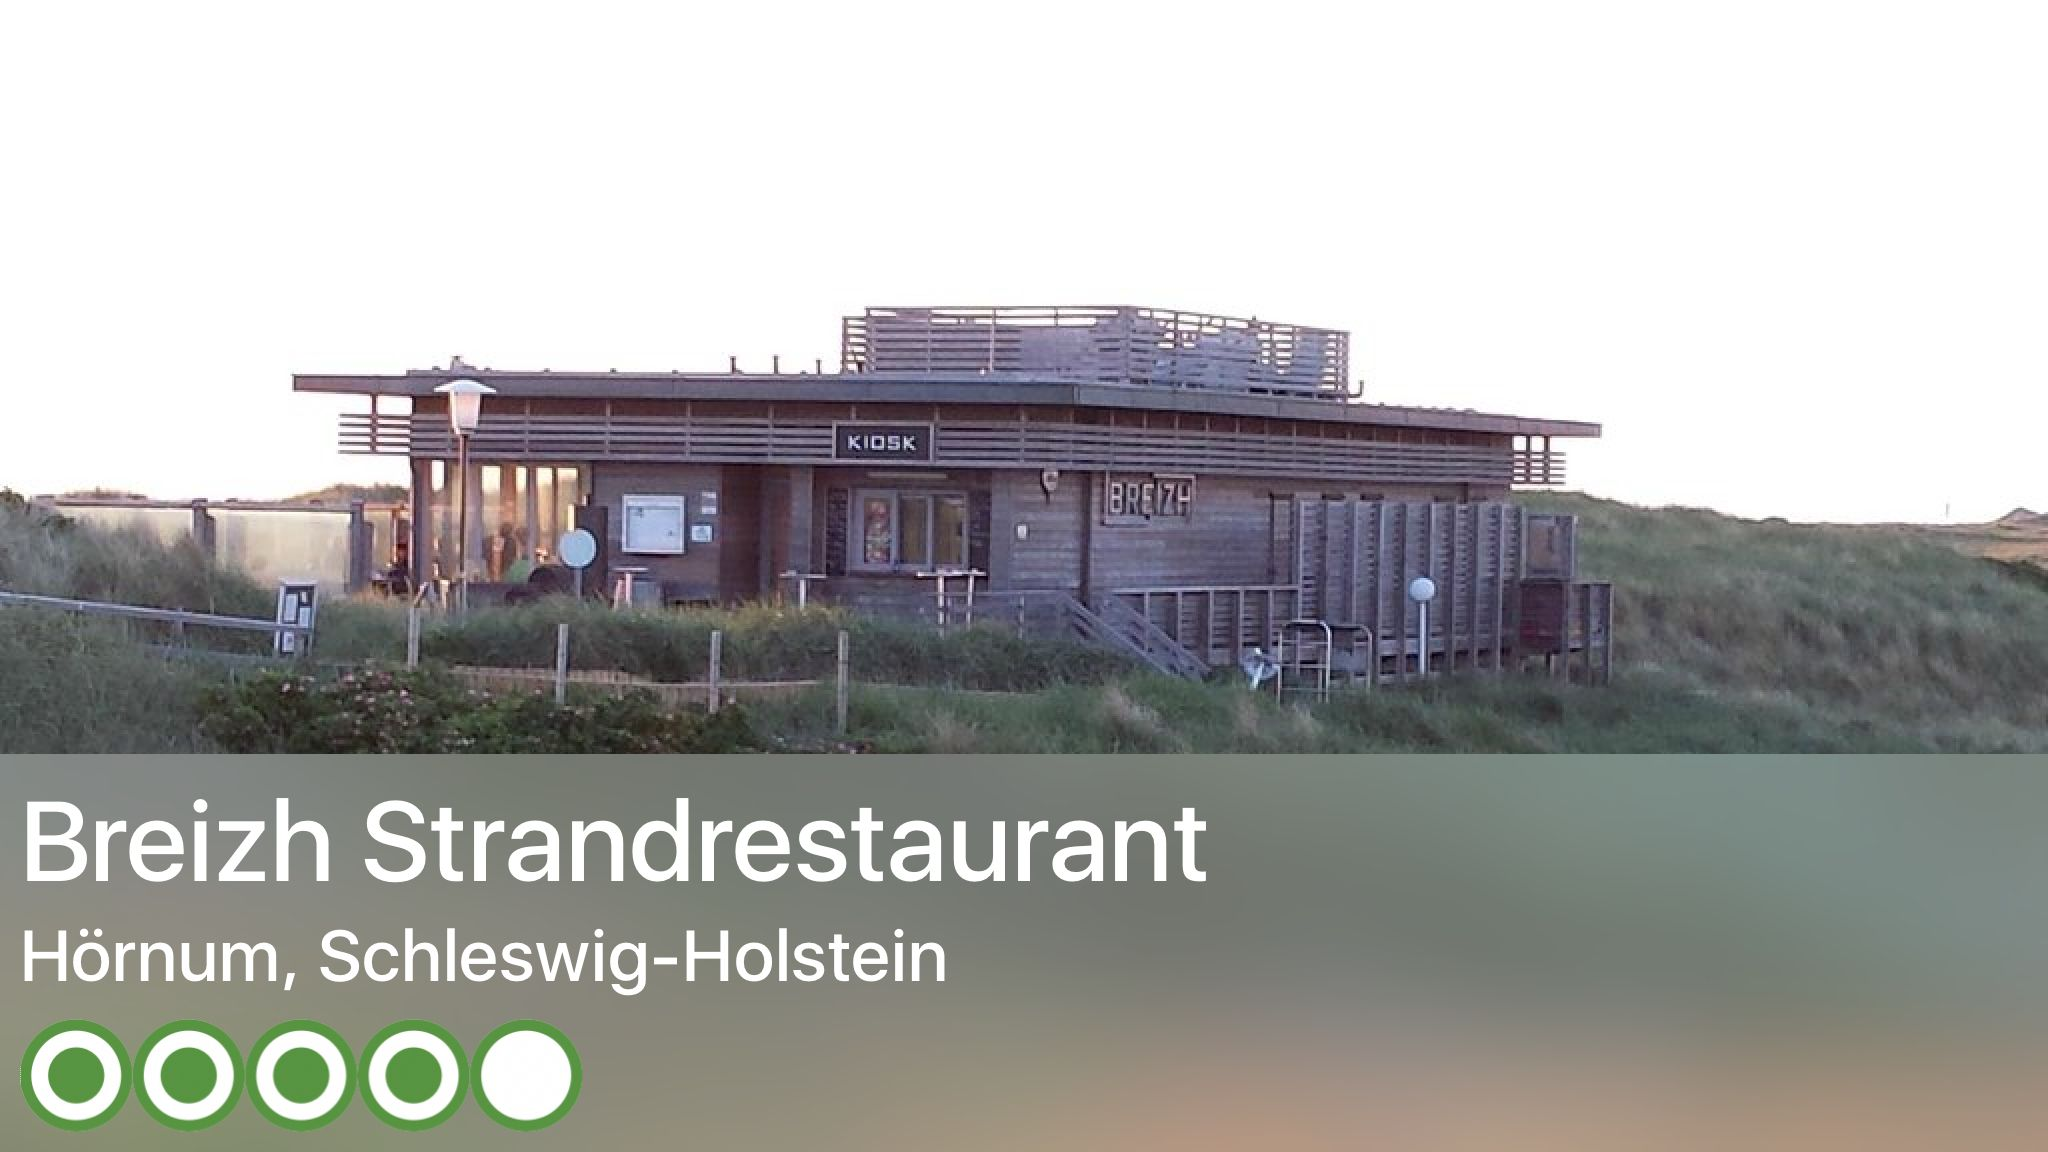 https://www.tripadvisor.de/Restaurant_Review-g677525-d2304709-Reviews-Breizh_Strandrestaurant-Hornum_Sylt_North_Friesian_Islands_Schleswig_Holstein.html?m=19904